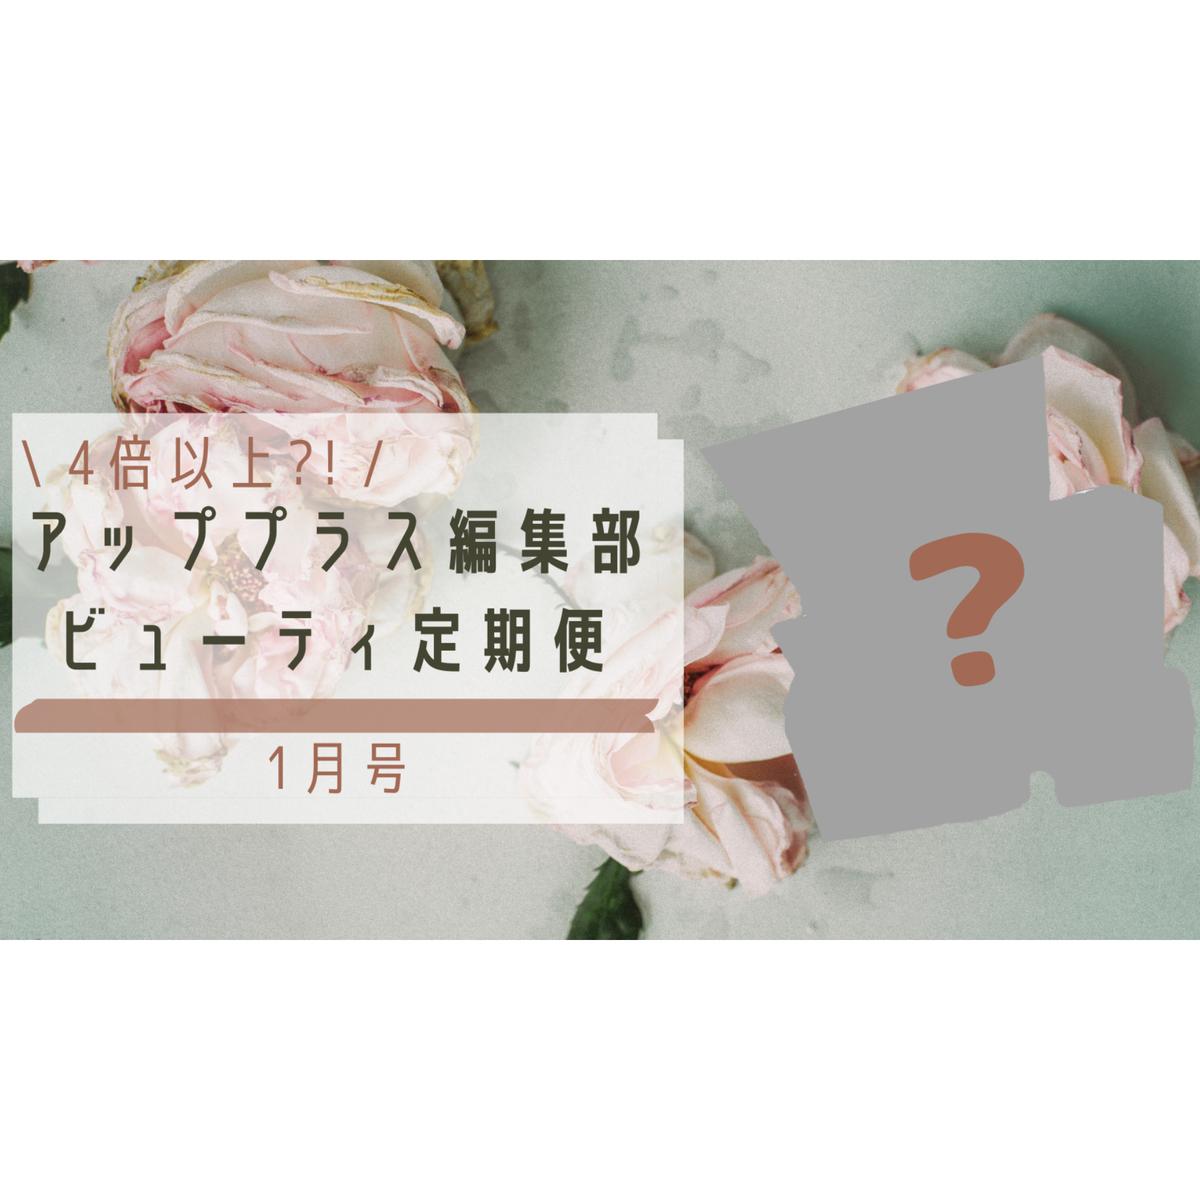 f:id:mana_log:20201212145704j:plain